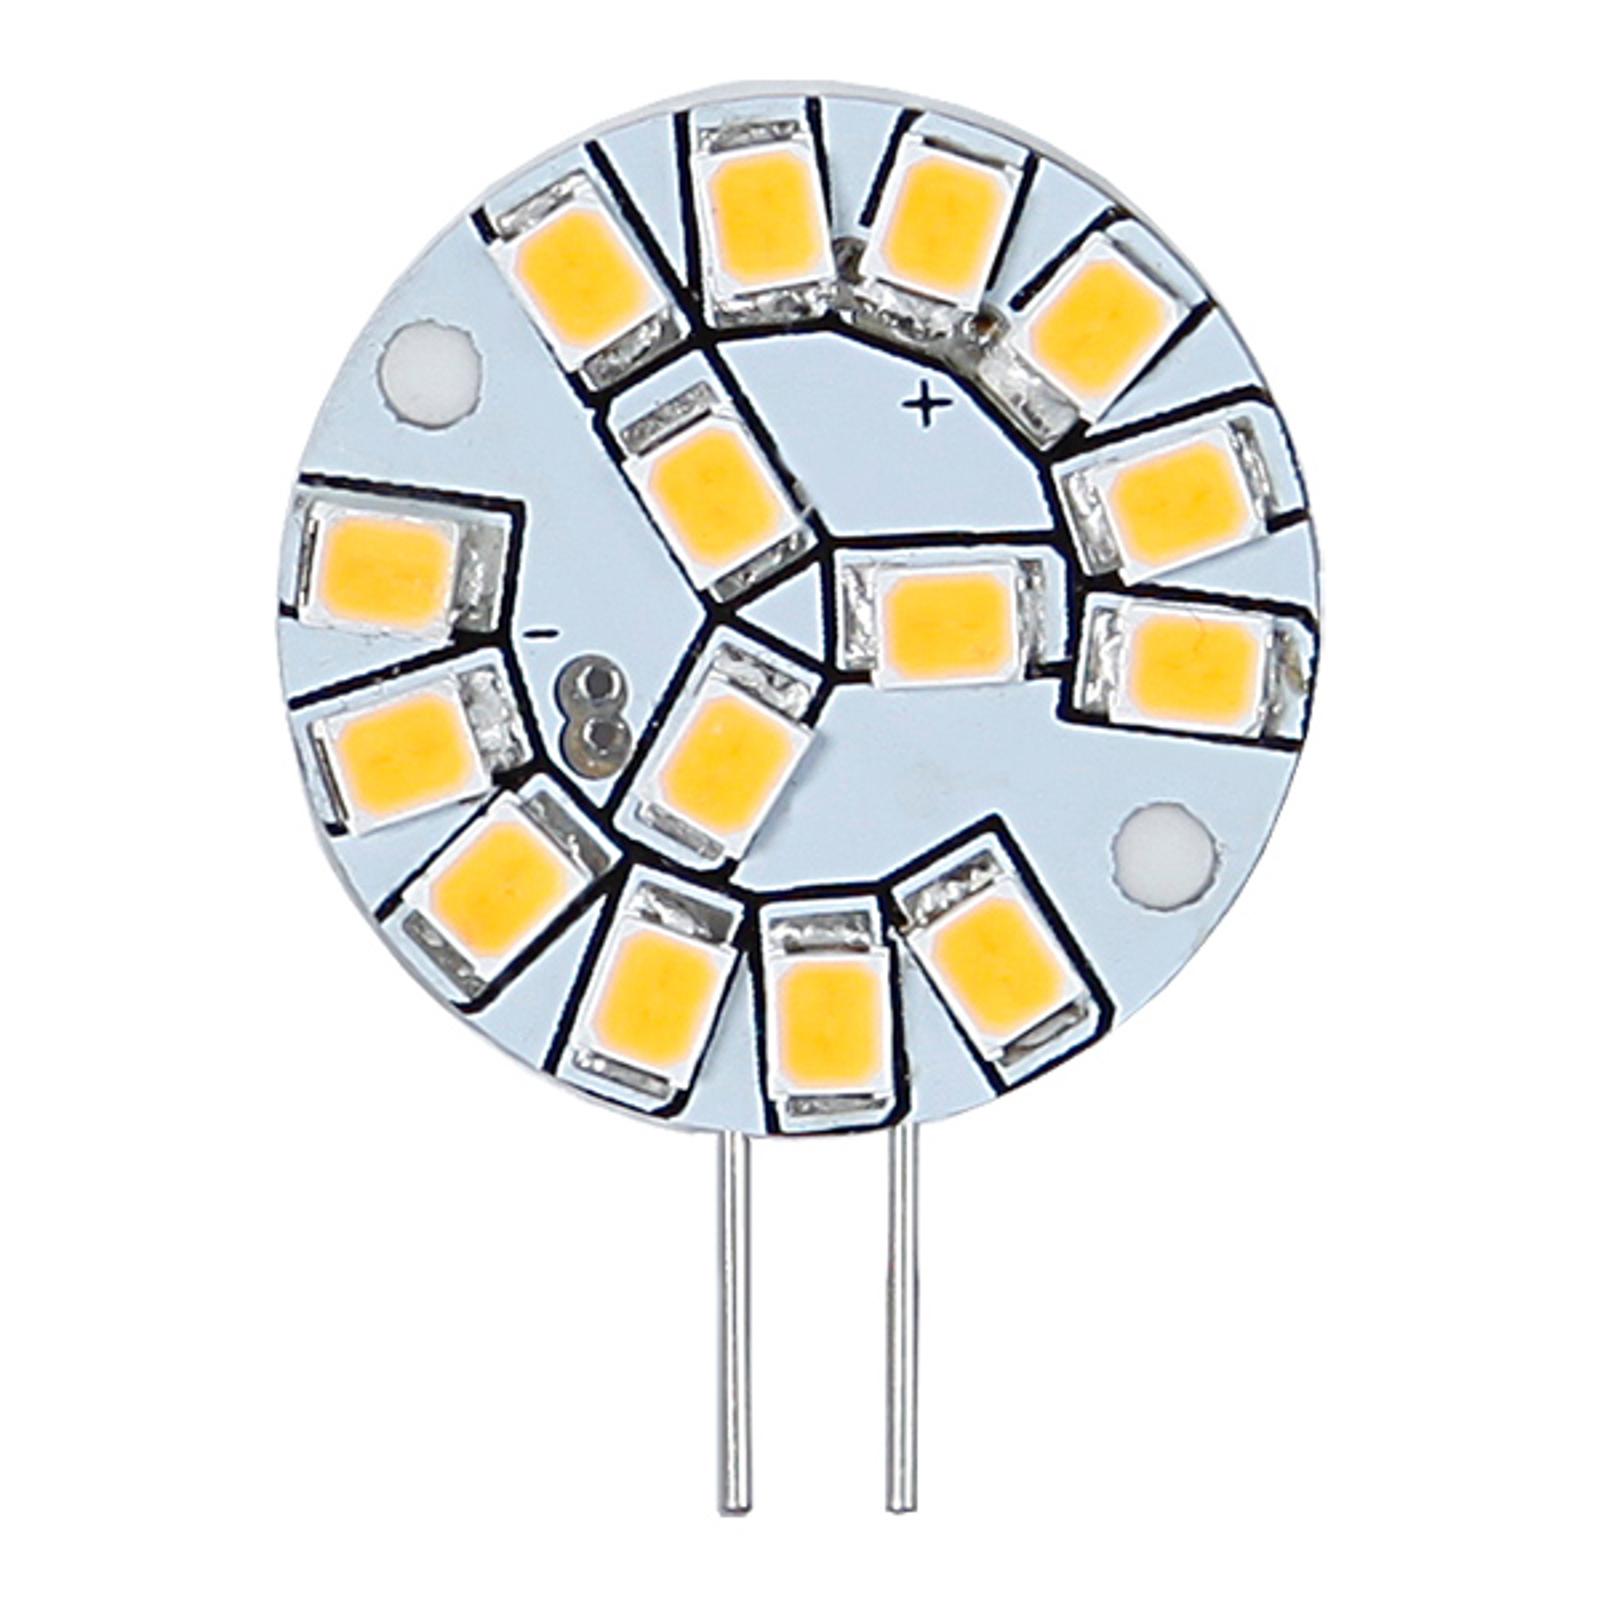 G4 12V 2 W 827 żarówka sztyft LED